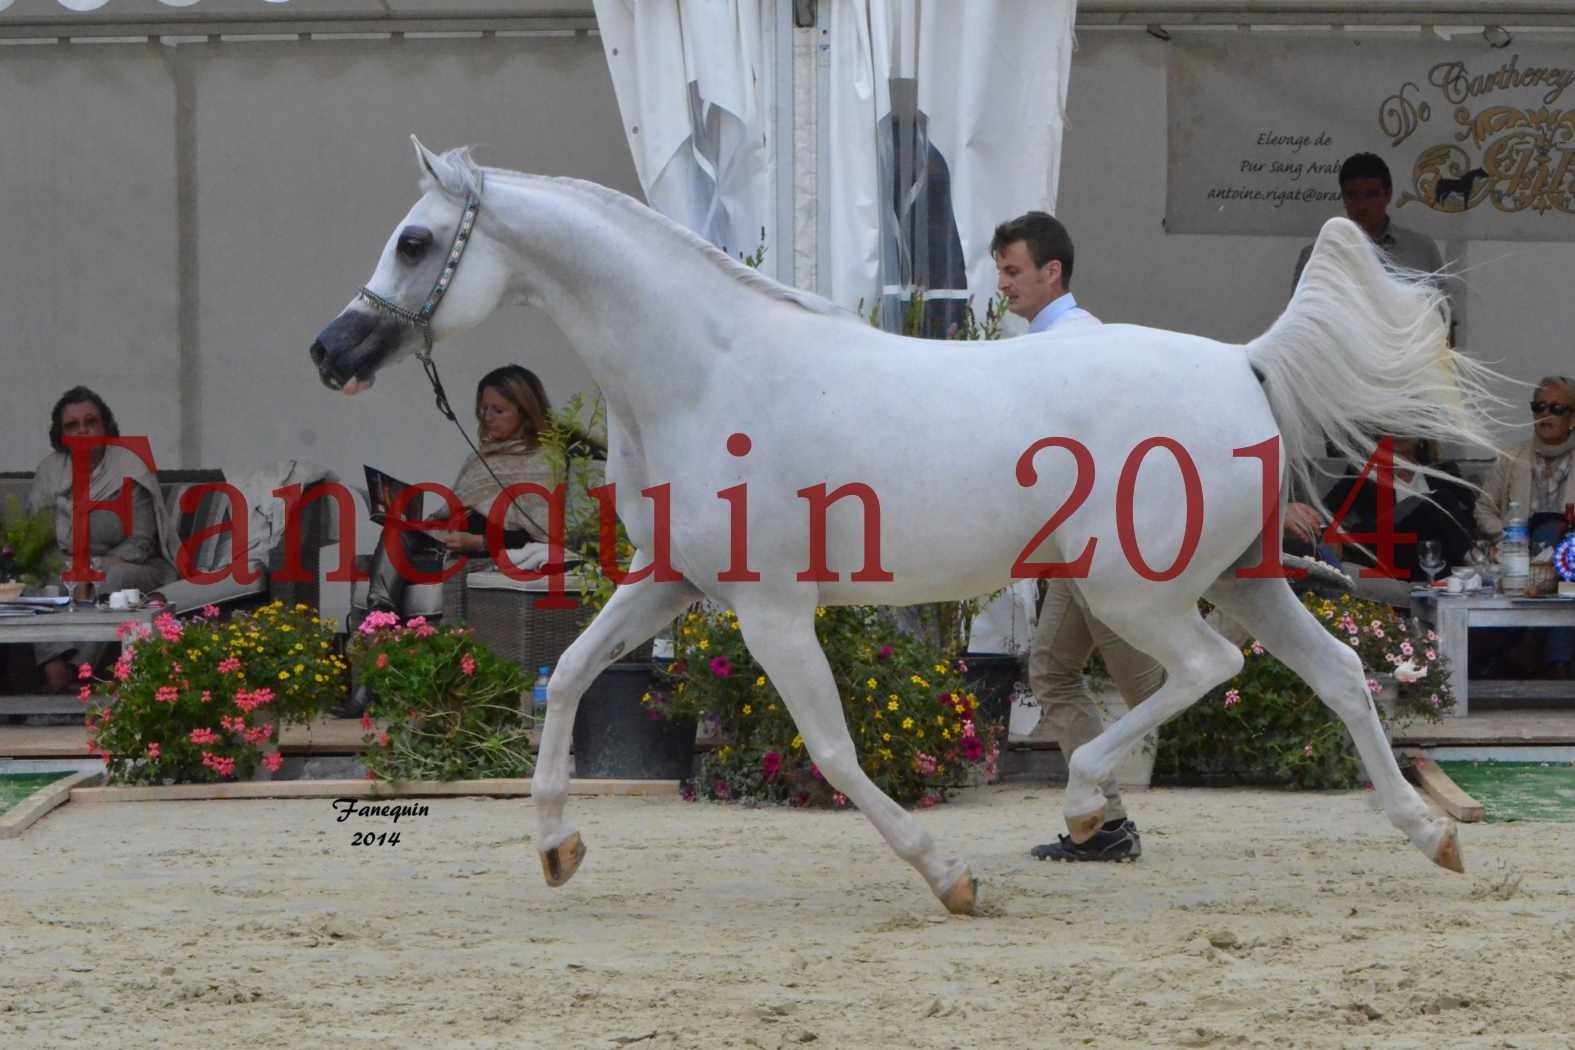 CHAMPIONNAT DE FRANCE 2014 A POMPADOUR - Notre Sélection - BLEUENN MILIN AVEL - 05